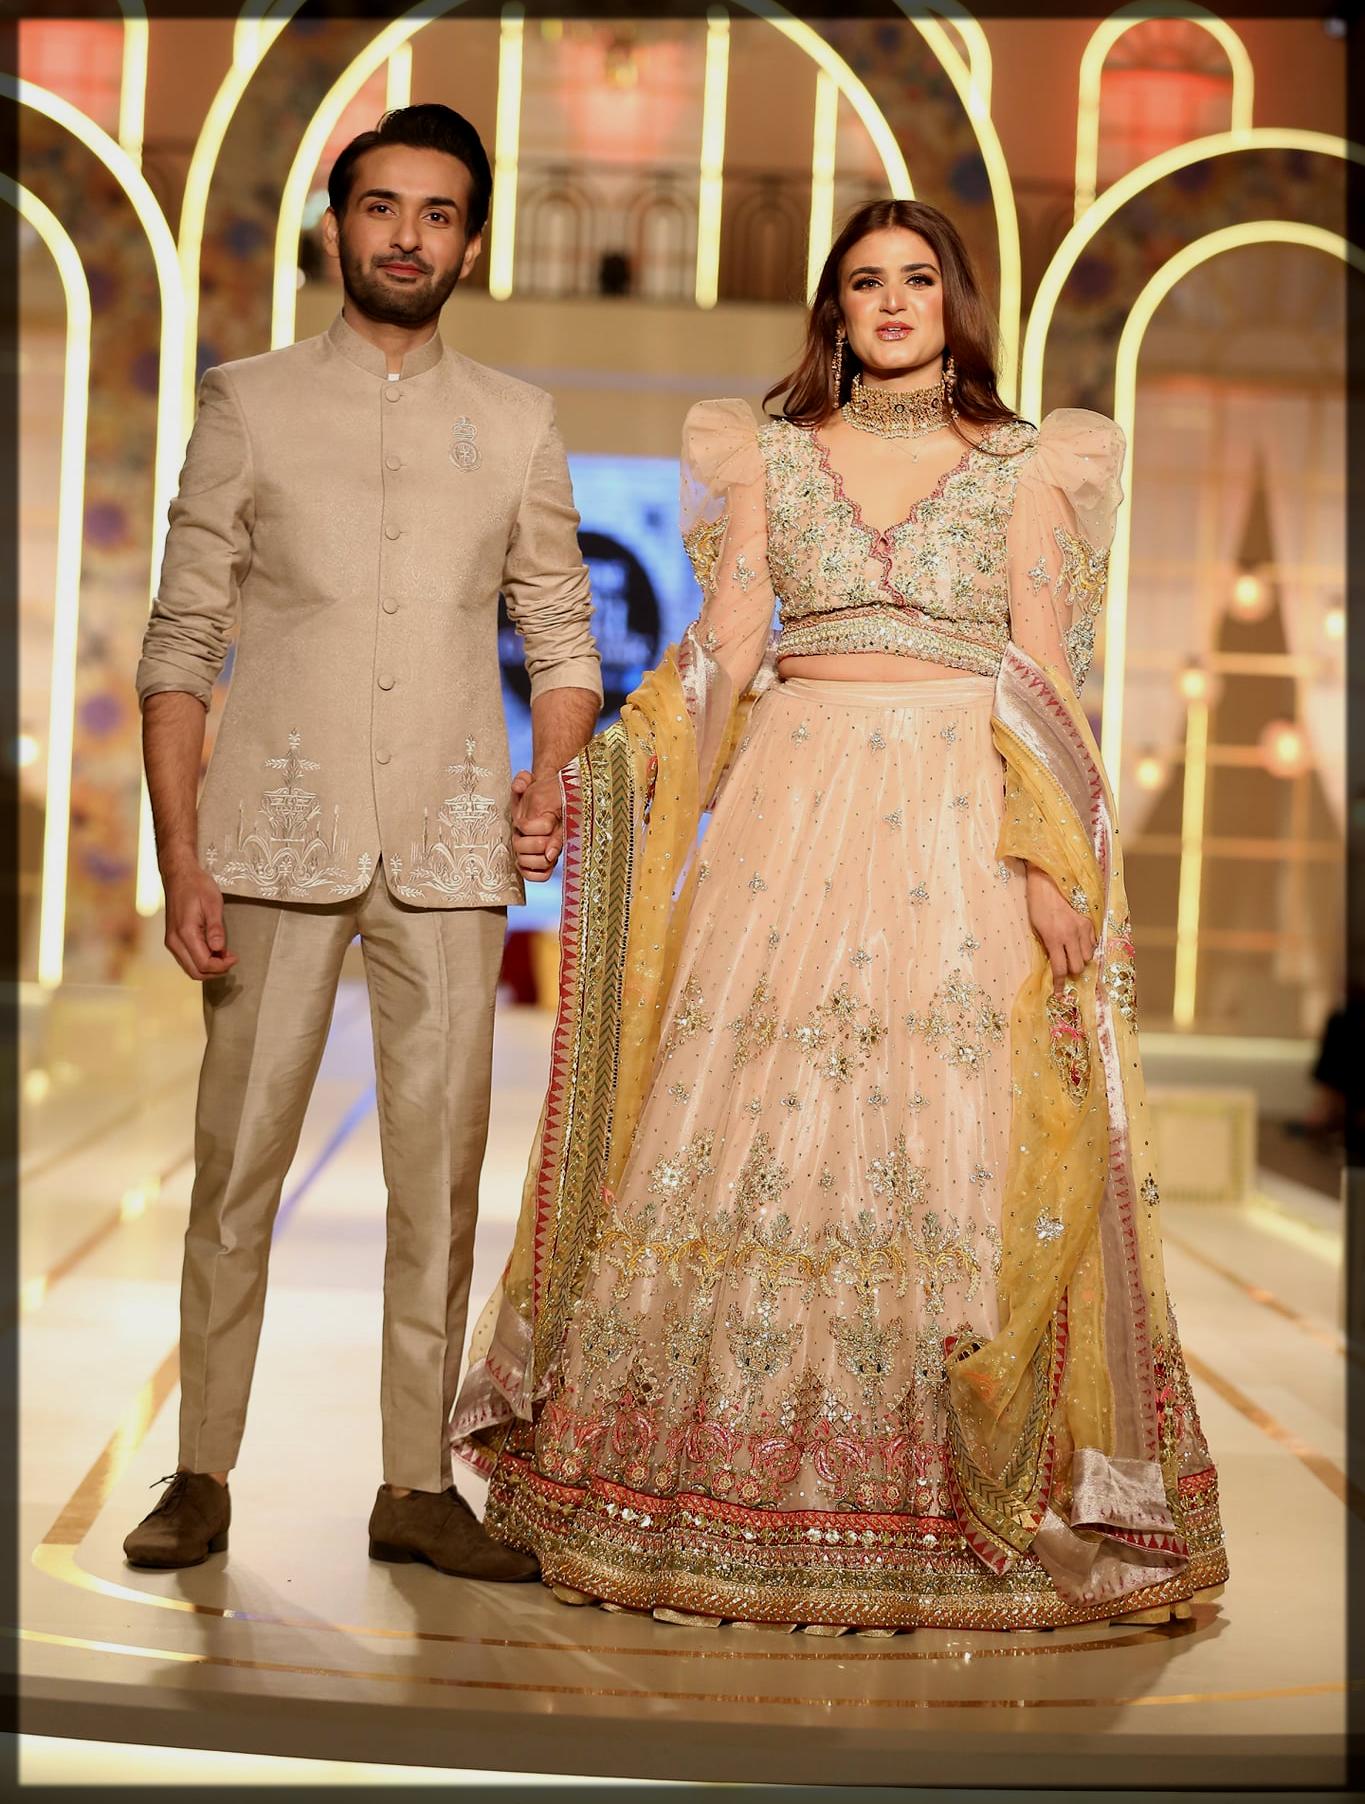 hira mani and affan waheed at Bridal couture week